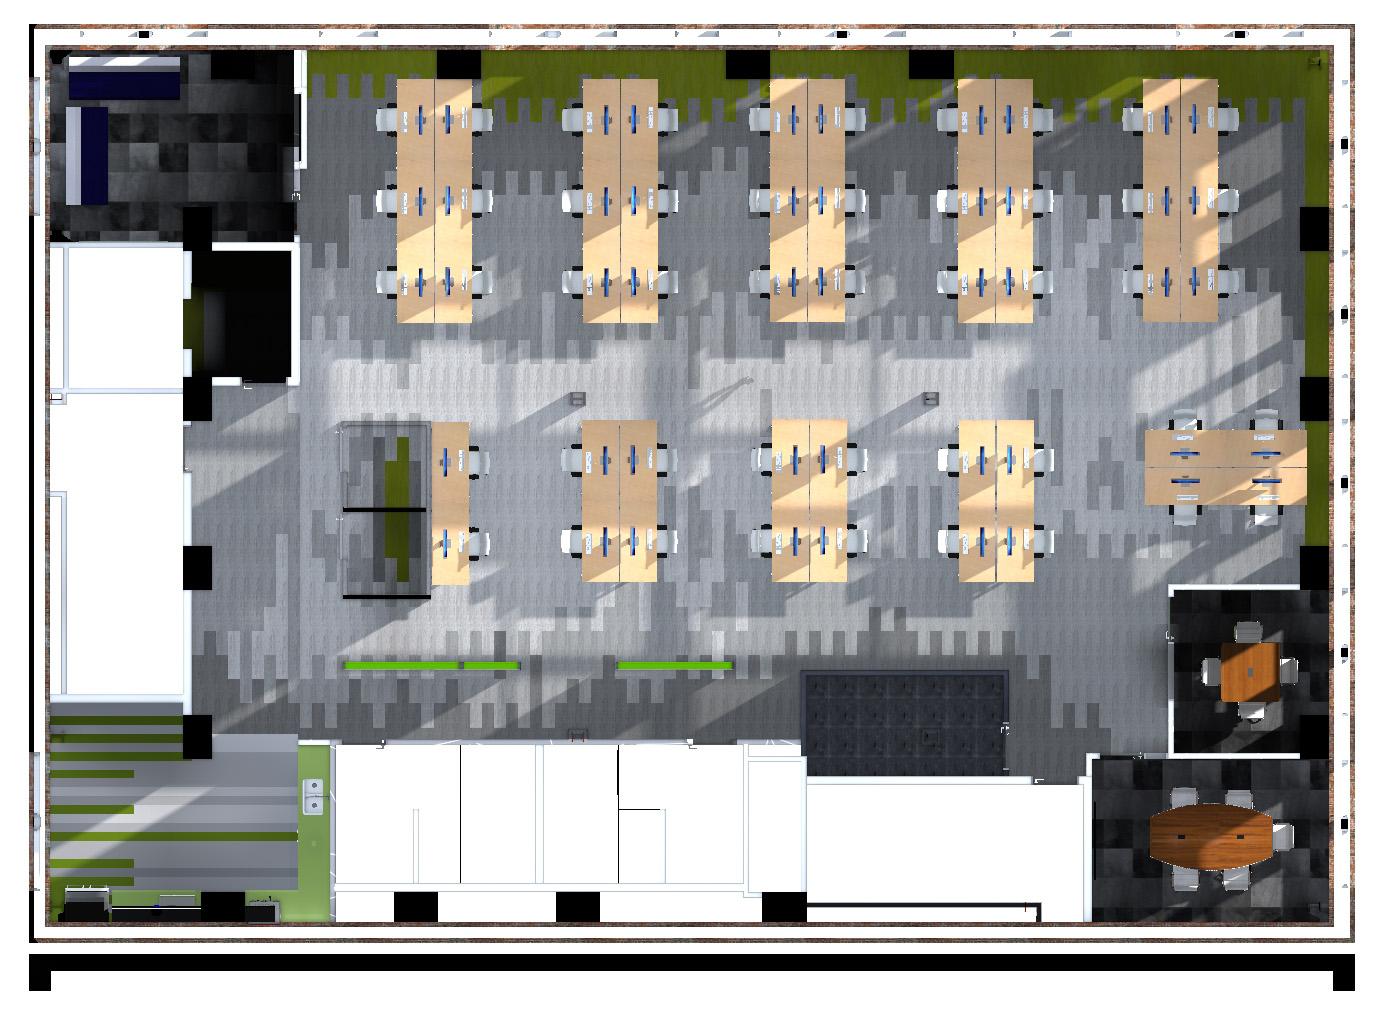 ADT-14-072-3dmodel(n)_Parallel View2.jpg